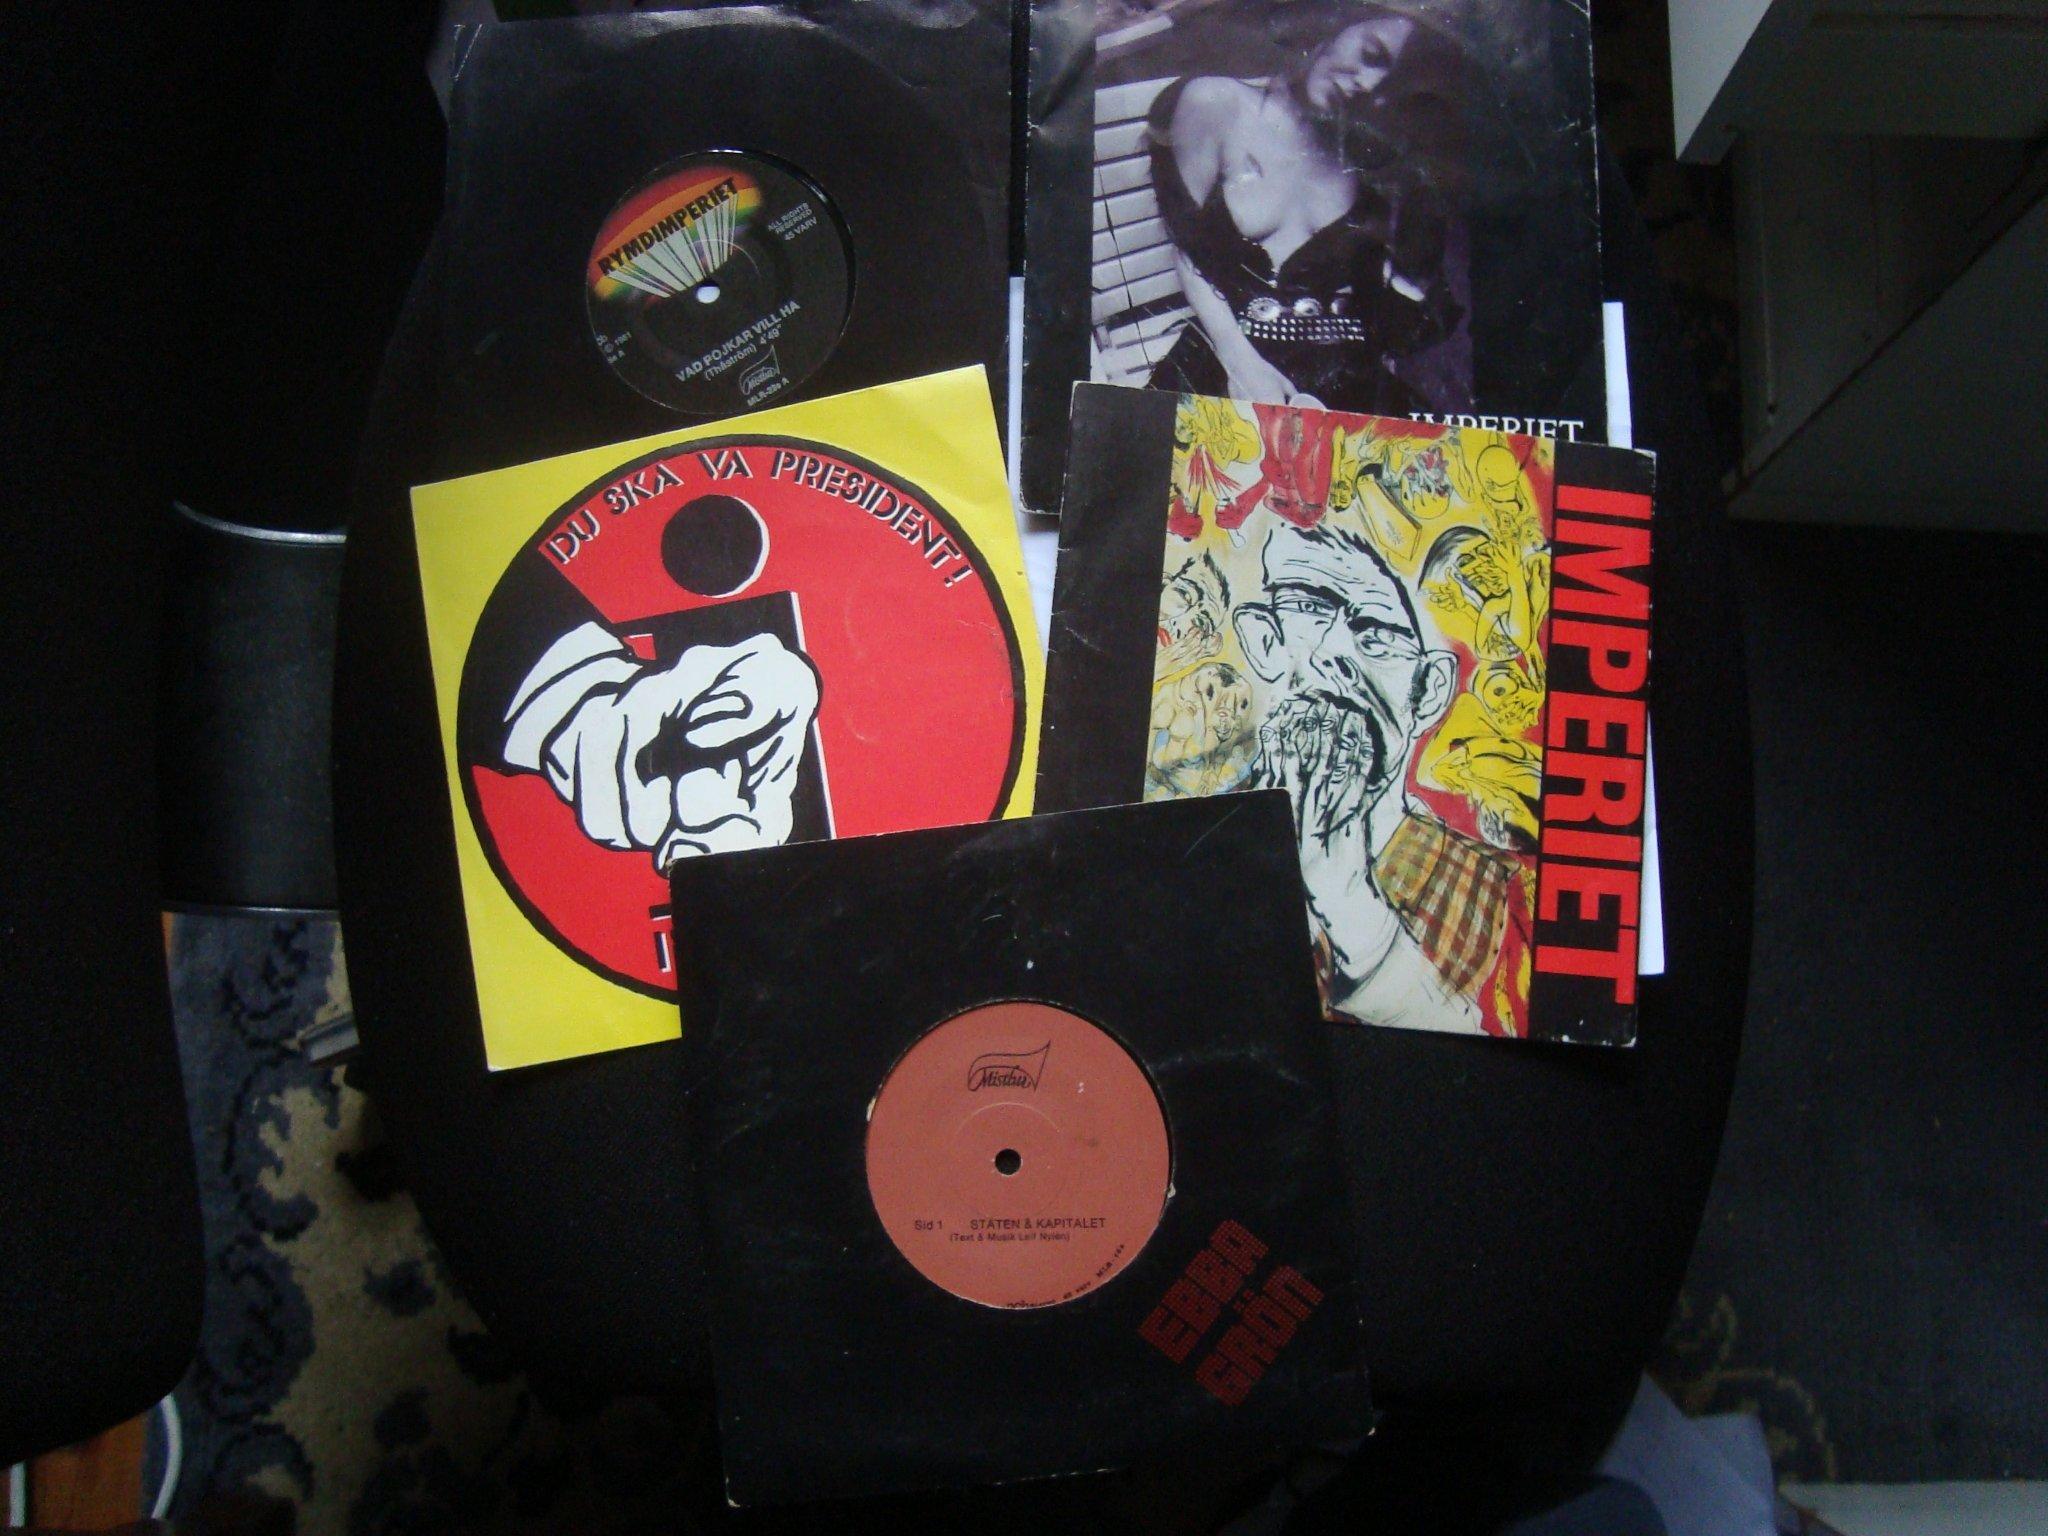 Kickar : singlar 1981-1987